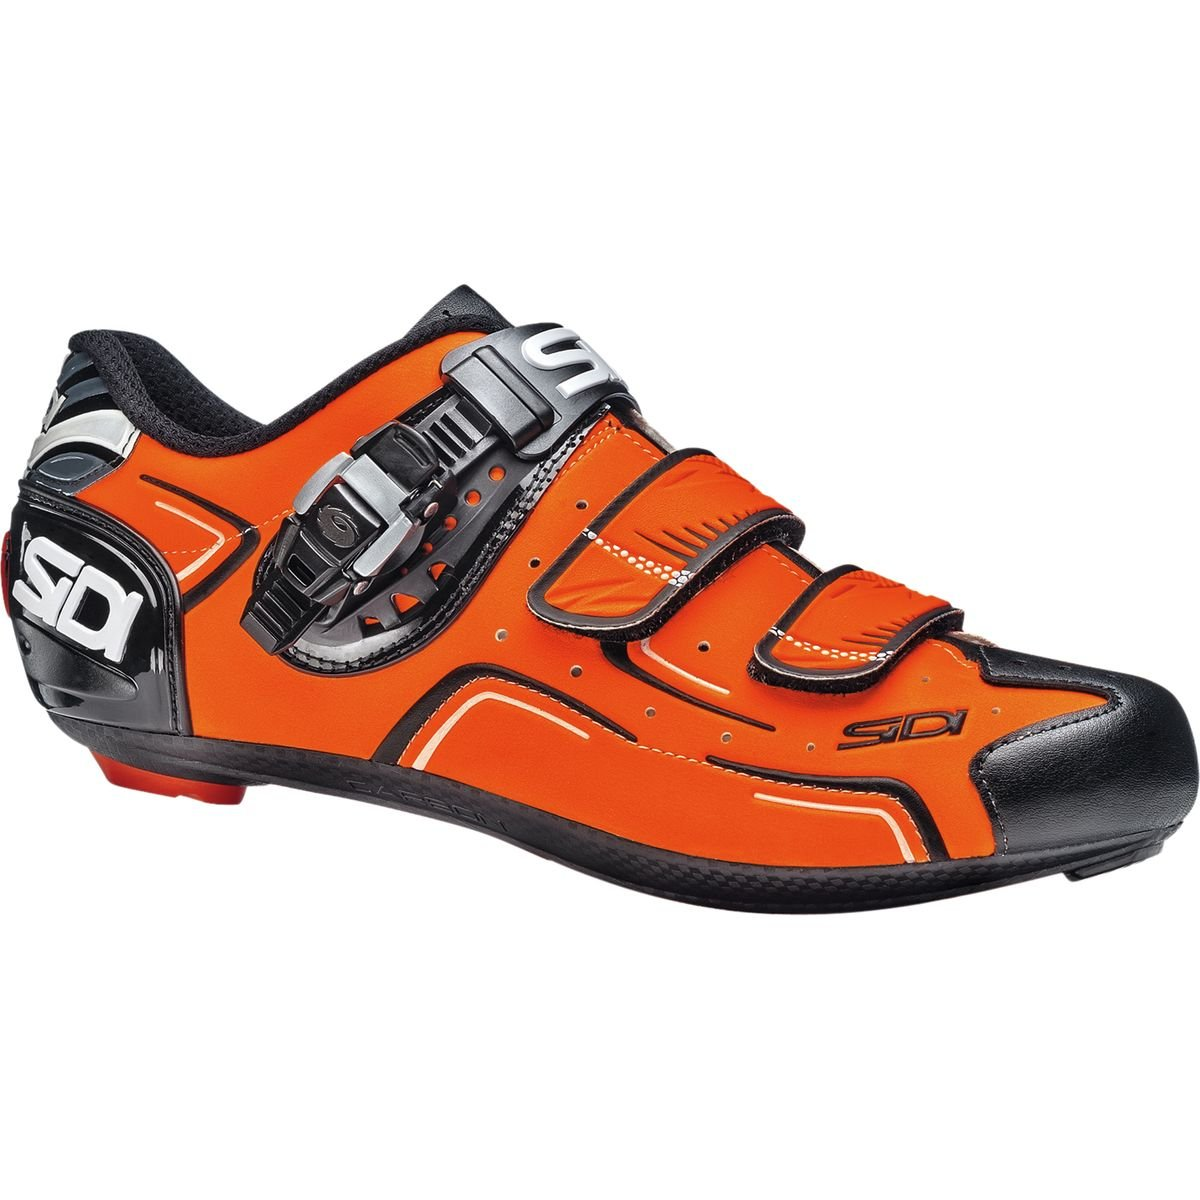 【2019 新作】 (シディ) Sidi [並行輸入品] Level Carbon Shoes Orange メンズ ロードバイクシューズOrange Fluo/Black メンズ [並行輸入品] 日本サイズ 23.5cm (37) Orange Fluo/Black B07G76XNSR, RAMBUTAN:a0bbf8bd --- by.specpricep.ru